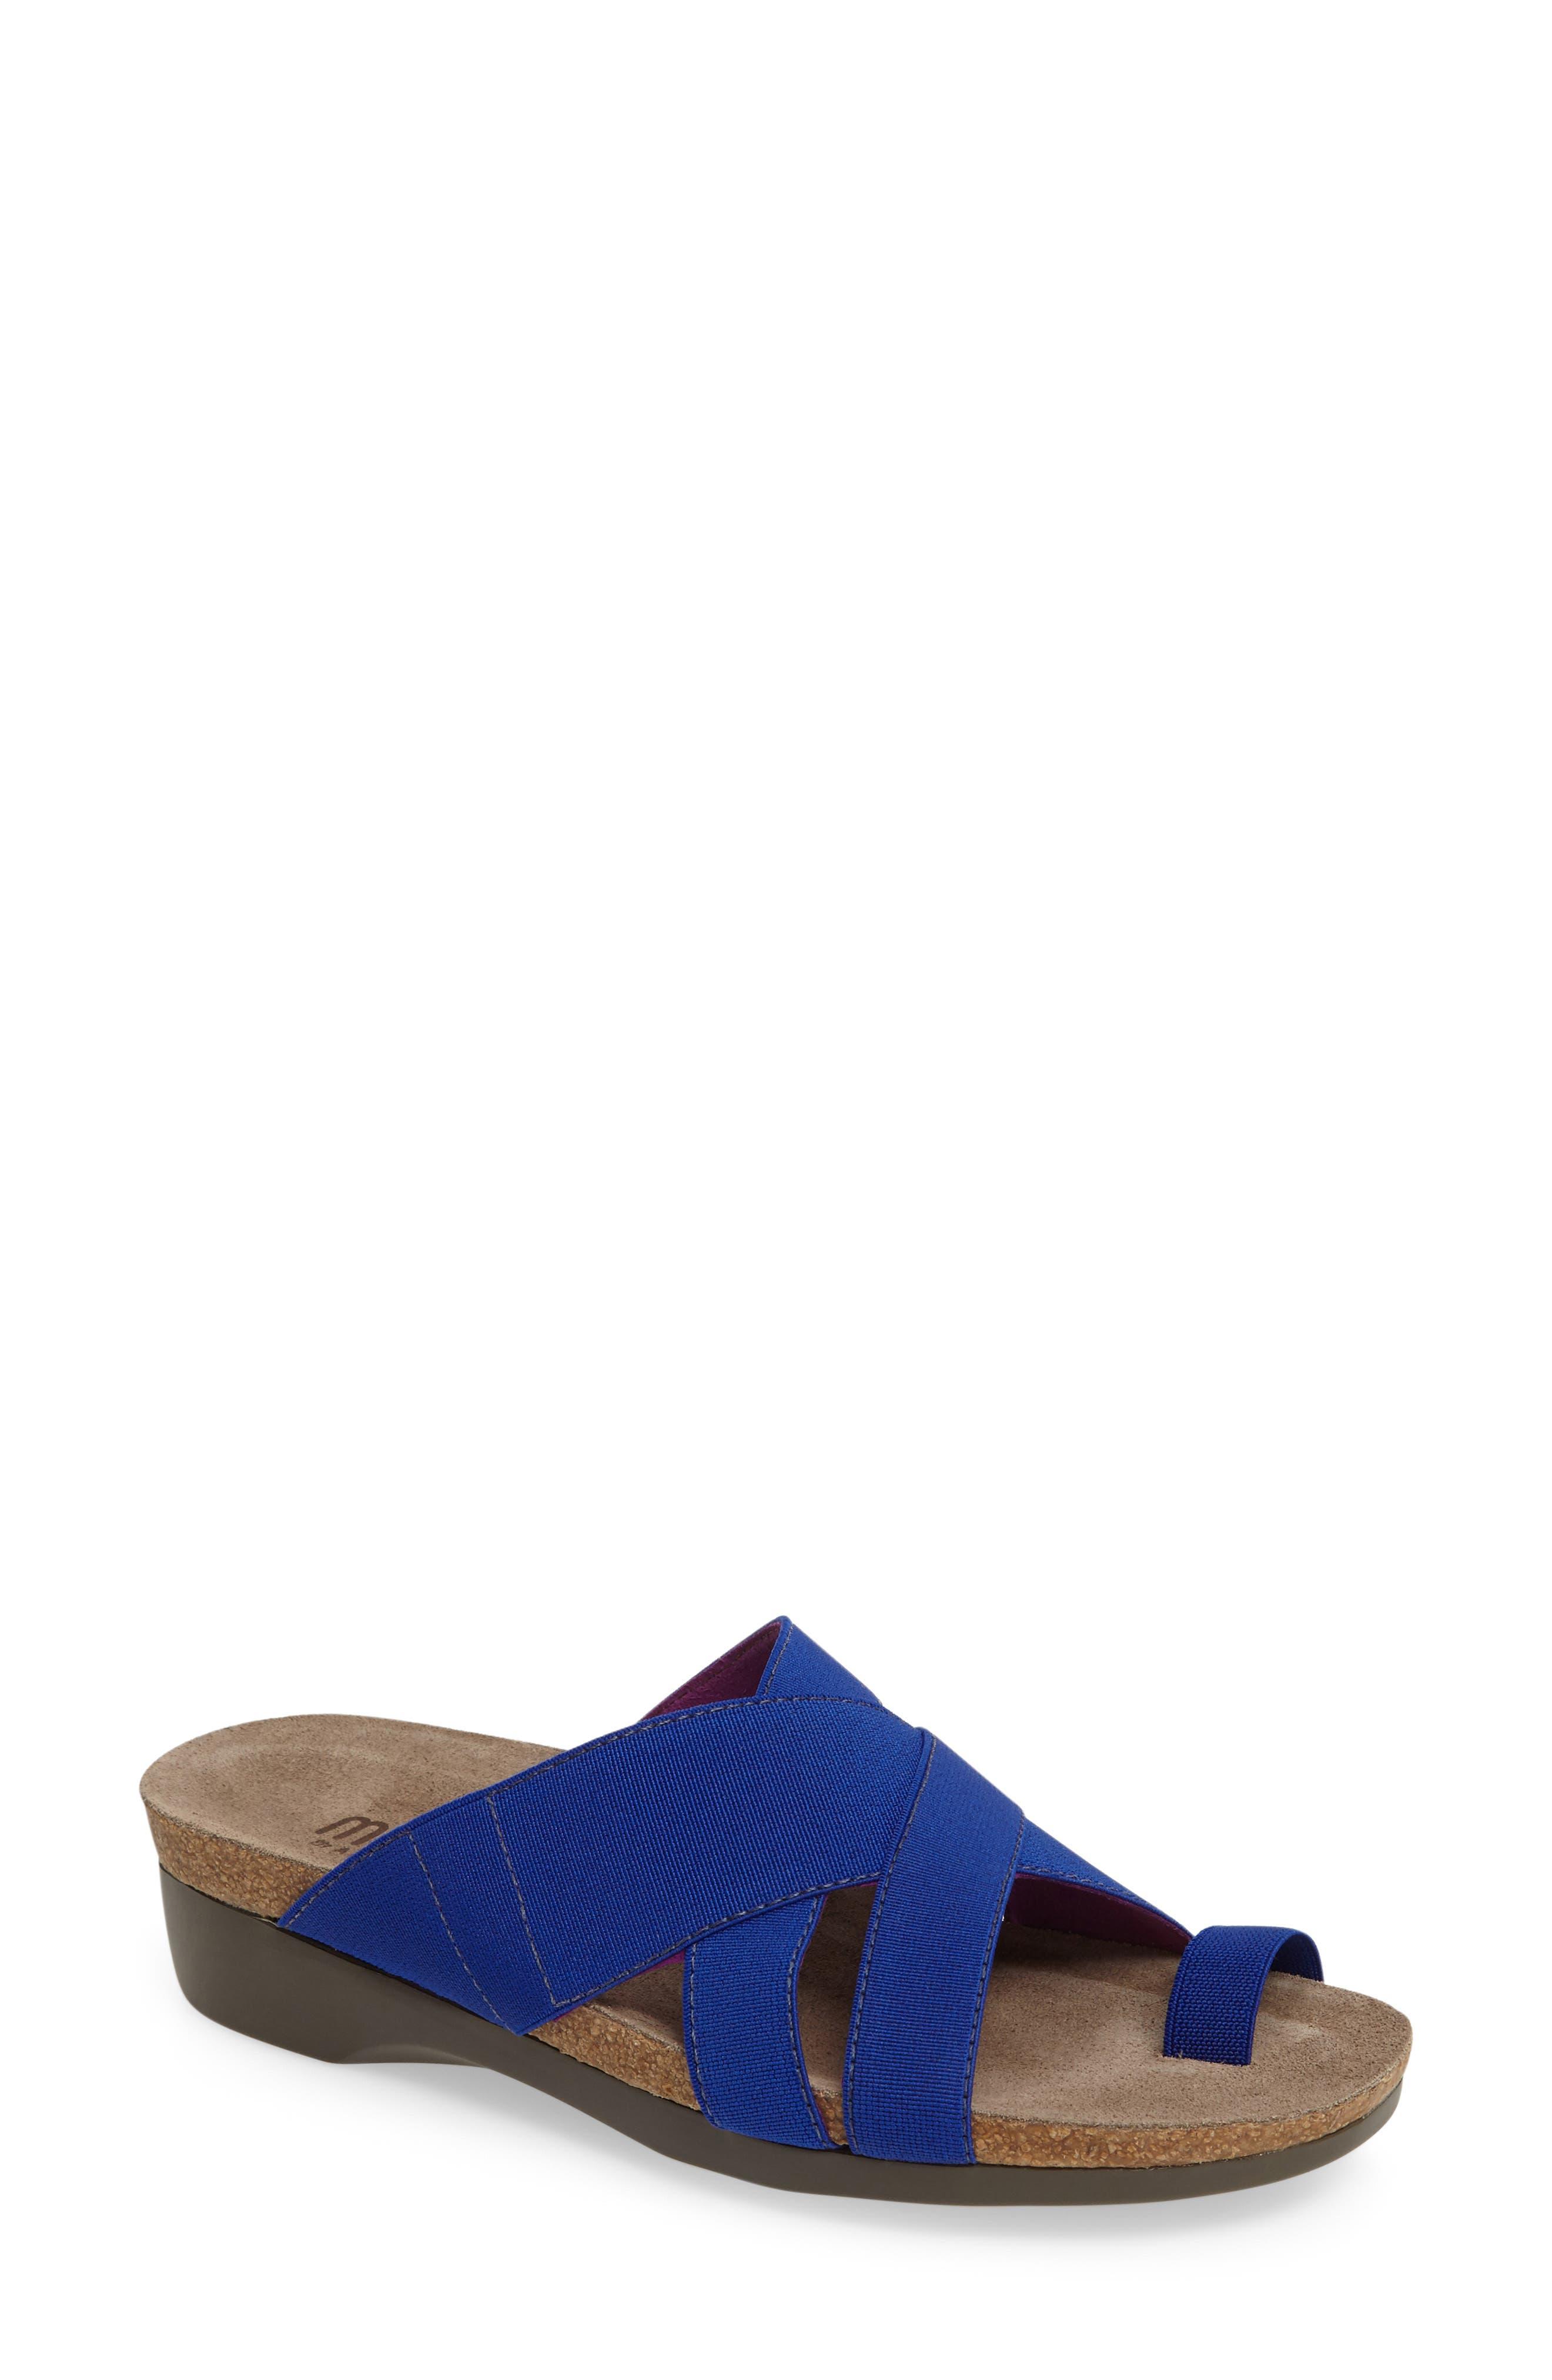 Alternate Image 1 Selected - Munro Delphi Slide Sandal (Women)